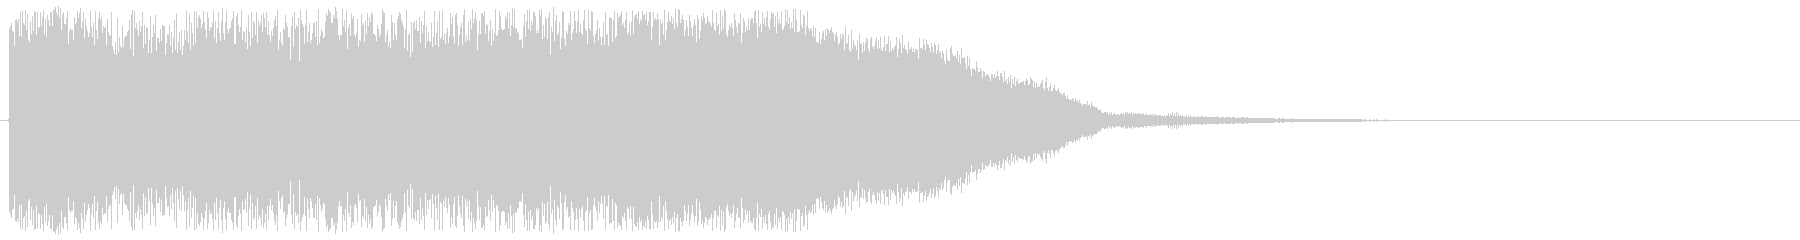 コミカルなファンファーレ ゲームクリア音の未再生の波形